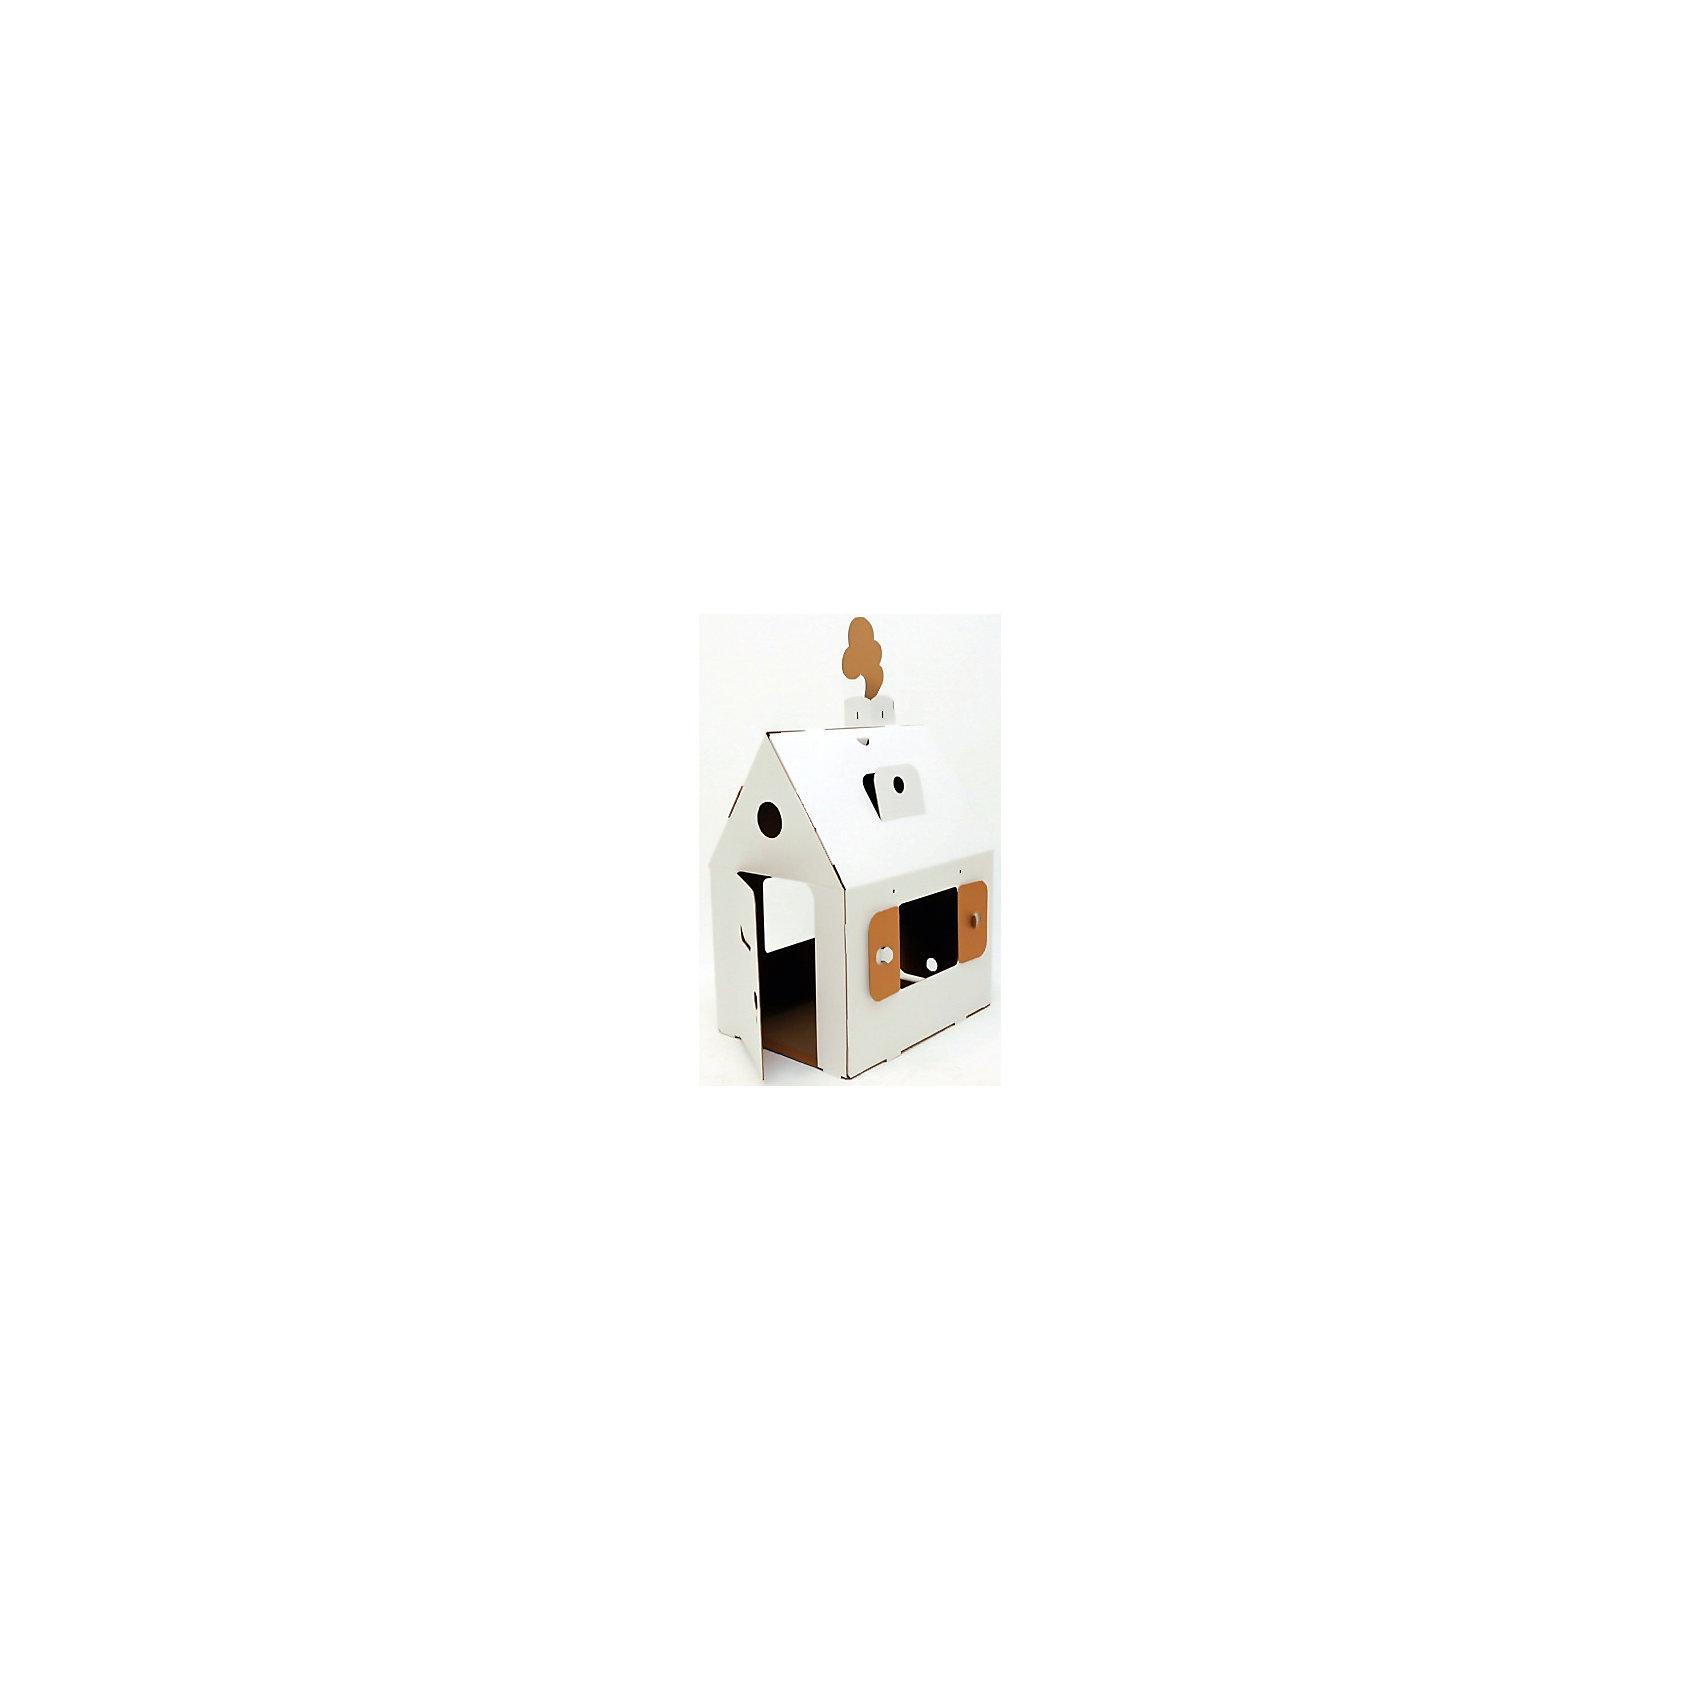 Домик из картона «Мини домик», белыйБренды конструкторов<br>Характеристики:<br><br>• тип домика: картонный кукольный домик;<br>• особенности домика: открываются окна и двери;<br>• имеется ручка для переноски домика, секретный лаз, отверстия для штор;<br>• материал: гофрокартон;<br>• размер домика: 81х65х48 см;<br>• размер упаковки: 76х61х60 см;<br>• вес: 1,8 кг.<br><br>Картонный домик быстро собирается, для сборки не используется клей или шурупы. Кукольный домик белого цвета, его можно раскрасить акриловыми или акварельными красками, можно использовать гуашь, фломастеры или карандаши. Домик оснащен дополнительными удобствами для развития детской фантазии: места для занавесок, тайный лаз, ручка для переноски, отверстие для почты, и даже замочная скважина. Игра обогащает детское воображение и фантазию, помогает развить речь и логику.<br><br>Домик из картона «Мини домик», белый можно купить в нашем магазине.<br><br>Ширина мм: 760<br>Глубина мм: 605<br>Высота мм: 55<br>Вес г: 1700<br>Возраст от месяцев: 36<br>Возраст до месяцев: 2147483647<br>Пол: Унисекс<br>Возраст: Детский<br>SKU: 5253038